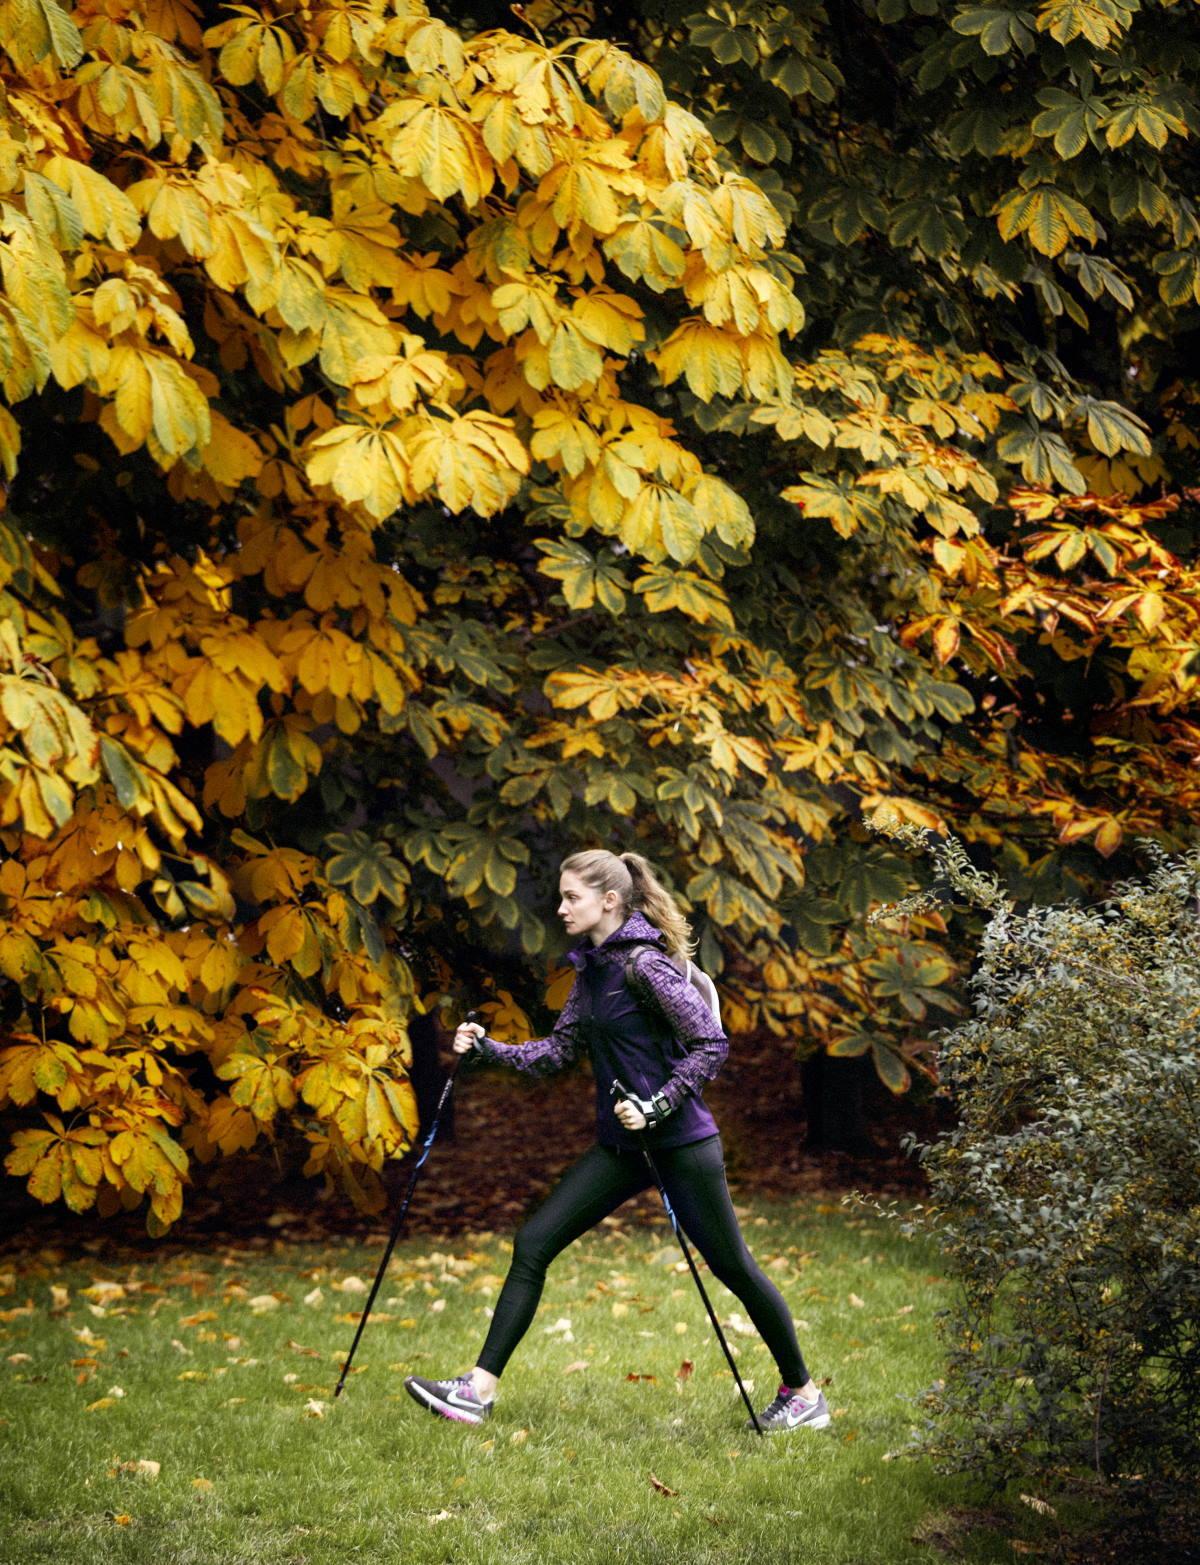 Andar con bastones, una práctica cada vez más extendida.